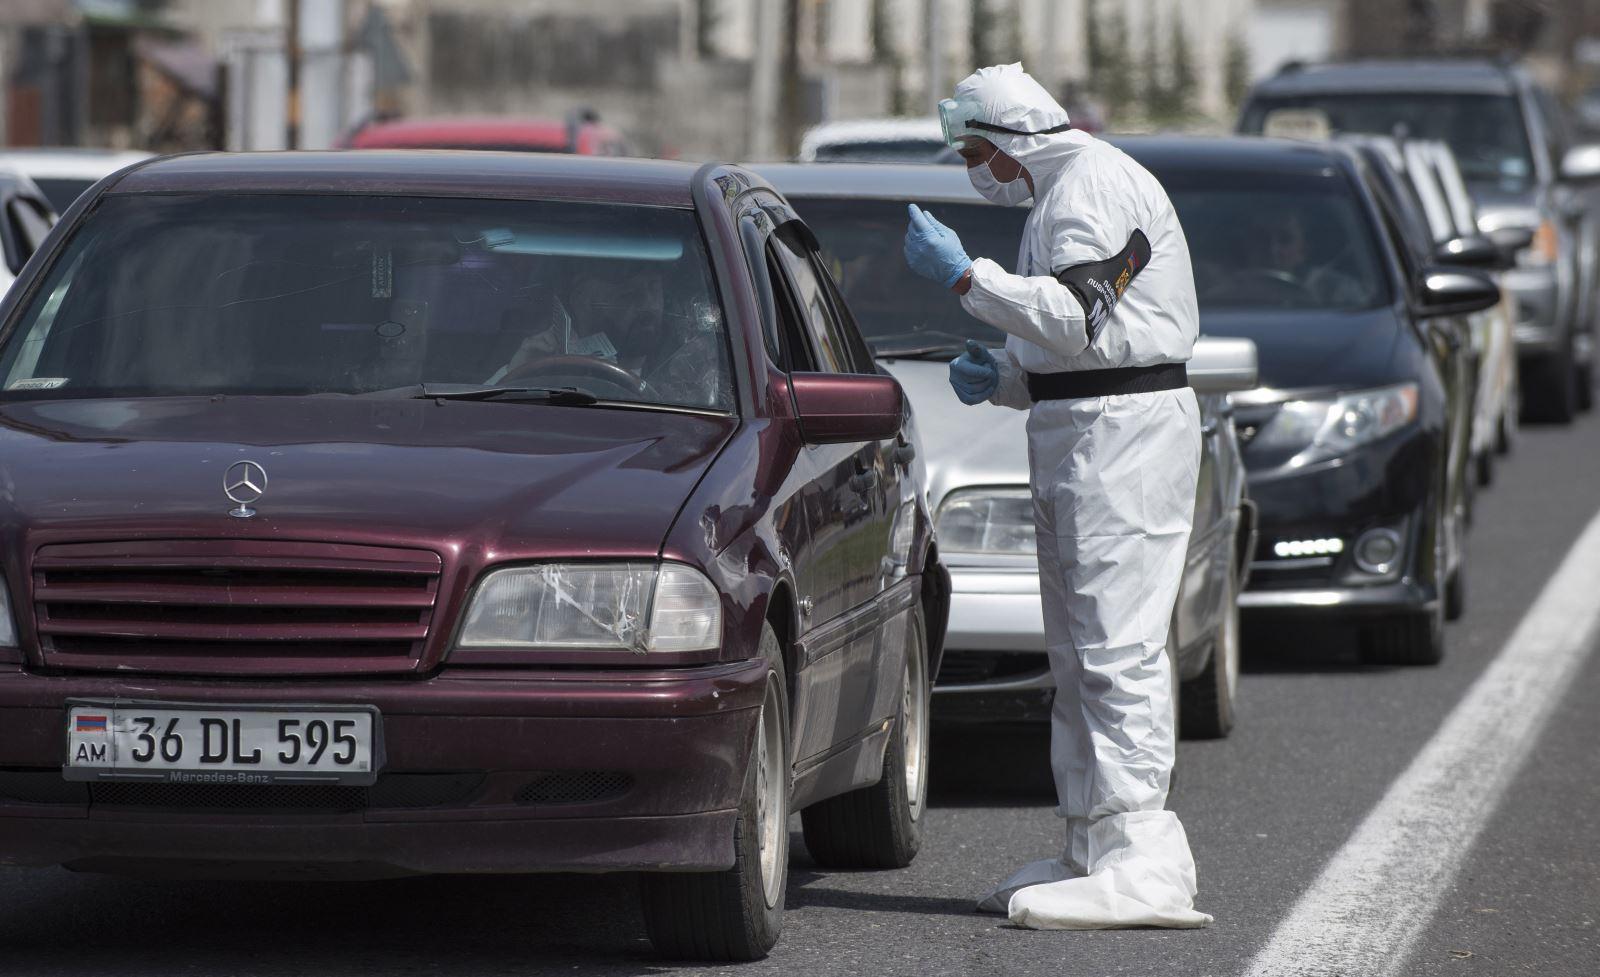 Cảnh sát Armenia kiểm tra các phương tiện giao thông tại Yerevan trong bối cảnh dịch COVID-19 lan rộng ngày 12-4-2020. Ảnh: AFP/TTXVN